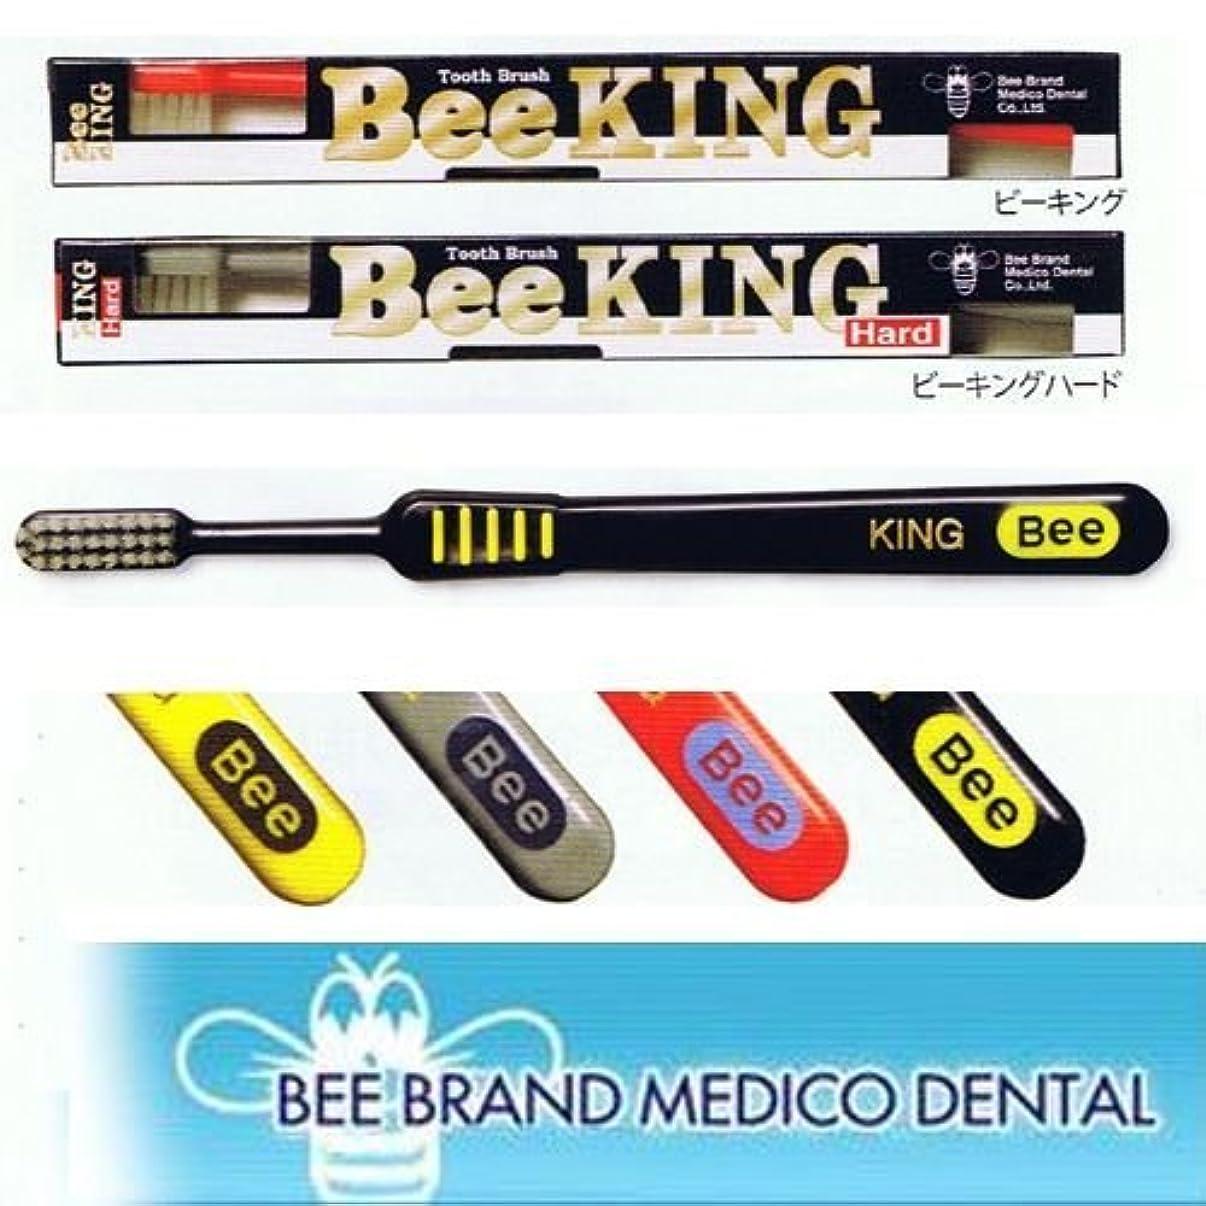 統計大事にするスコットランド人BeeBrand Dr.BEE 歯ブラシ キング ふつう